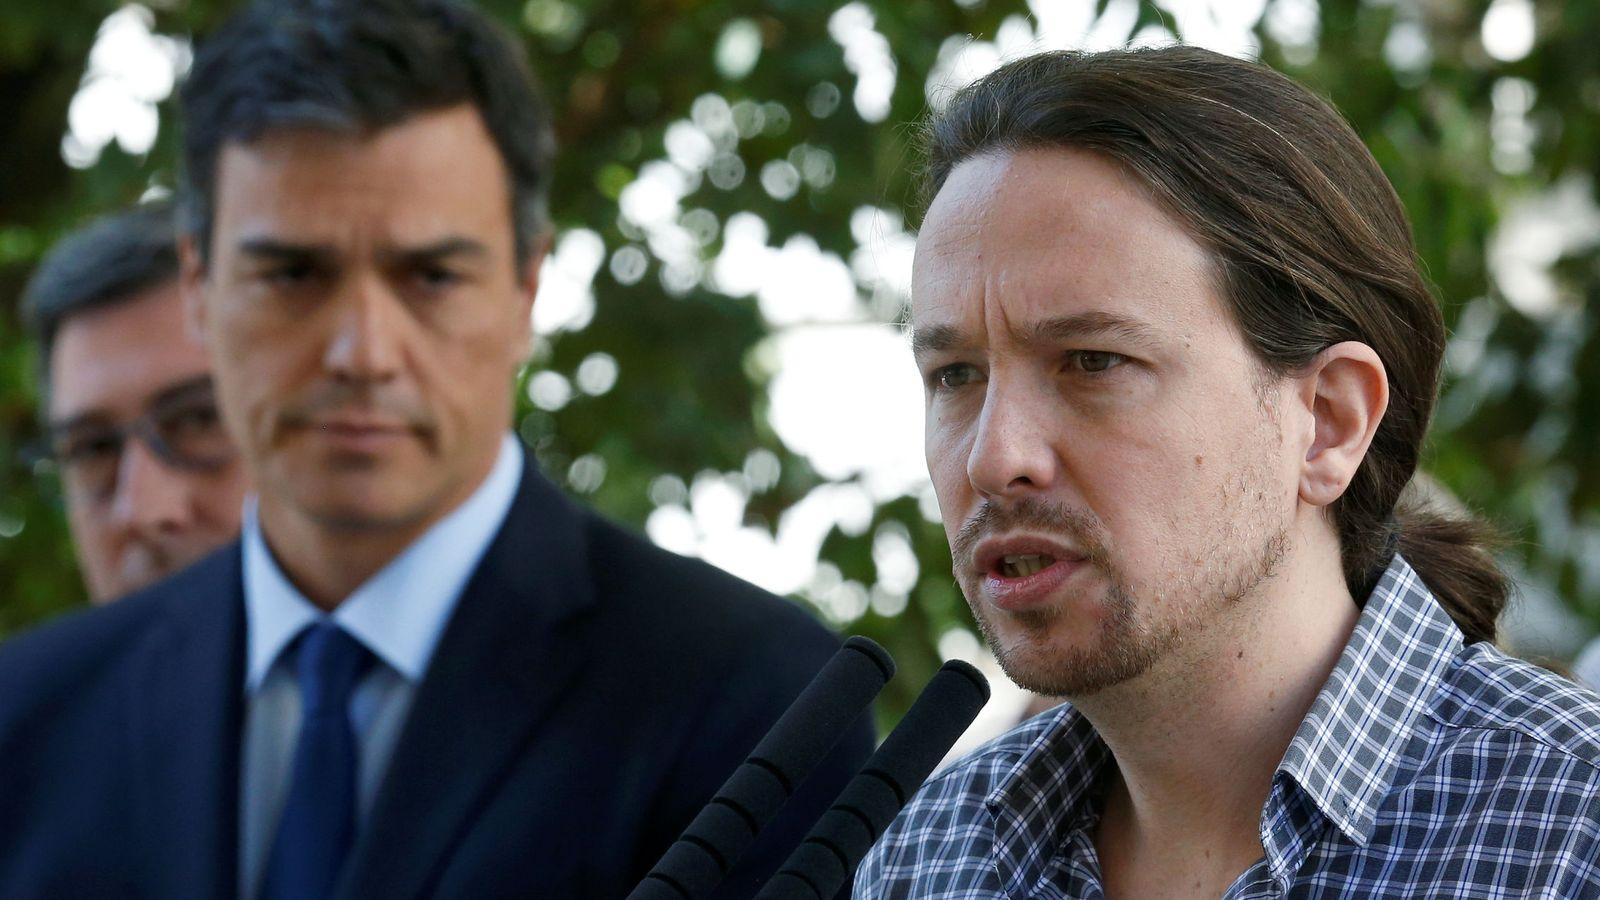 Foto: El líder de Podemos, Pablo Iglesias, junto a Pedro Sánchez, líder del PSOE. (Reuters)